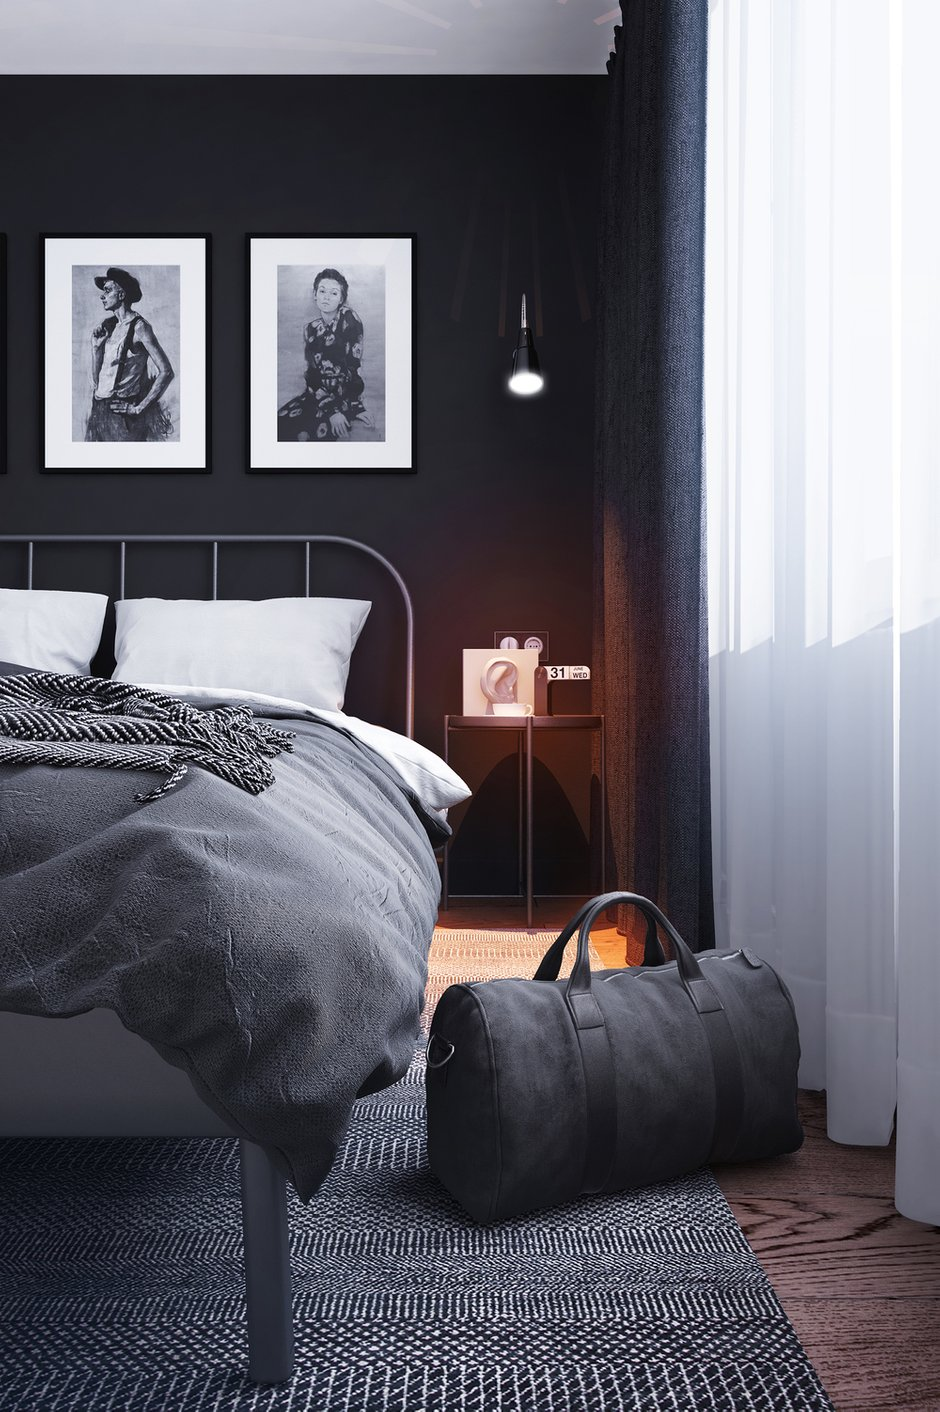 Фотография: Спальня в стиле Современный, Скандинавский, Малогабаритная квартира, Квартира, Проект недели, Санкт-Петербург, Панельный дом, 2 комнаты, 40-60 метров, Bobo.space – фото на INMYROOM